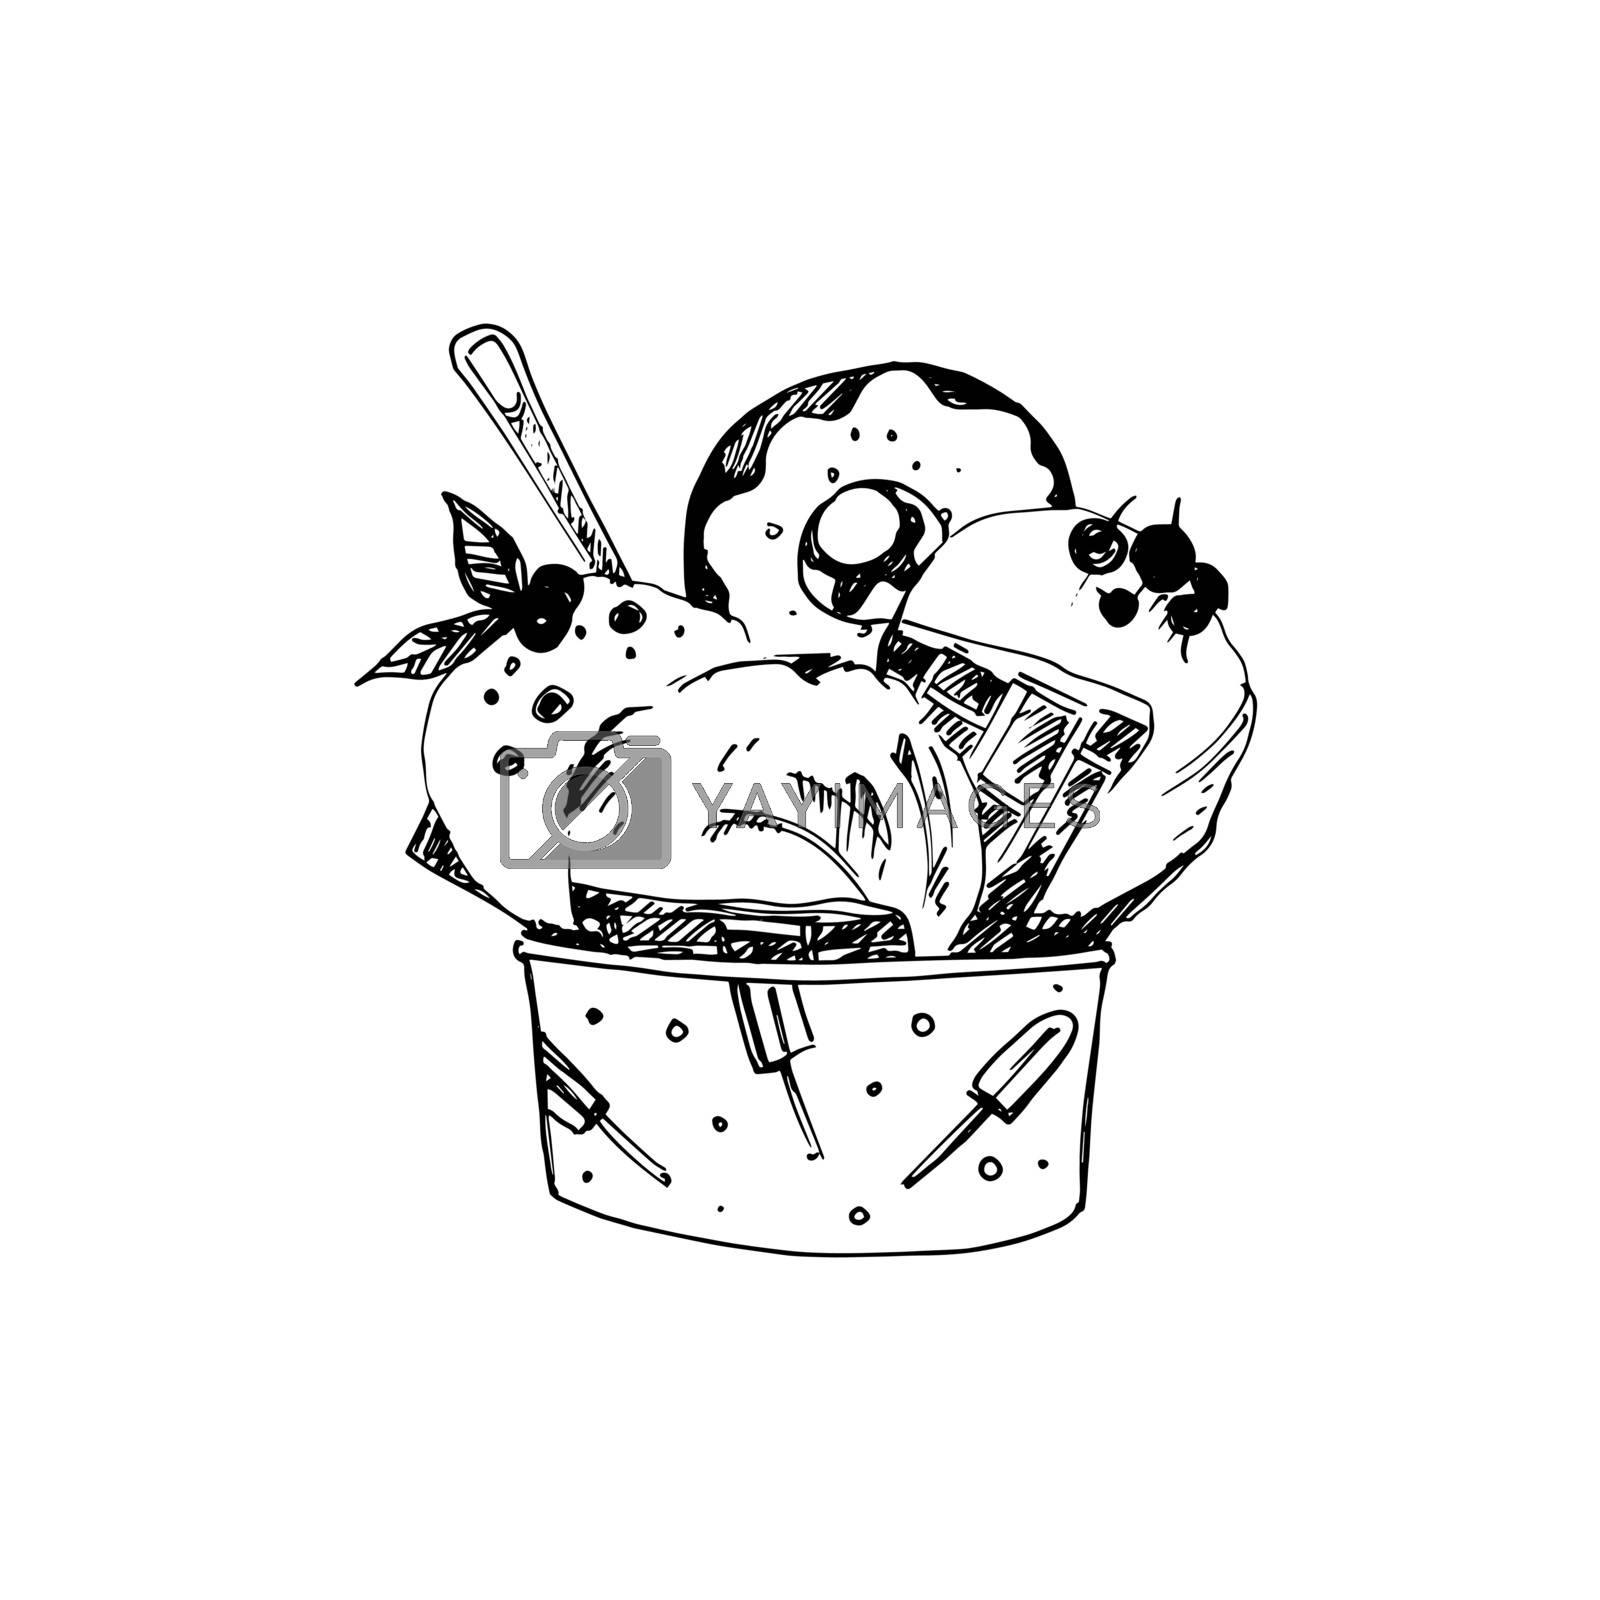 Sketch of Food by dvarg